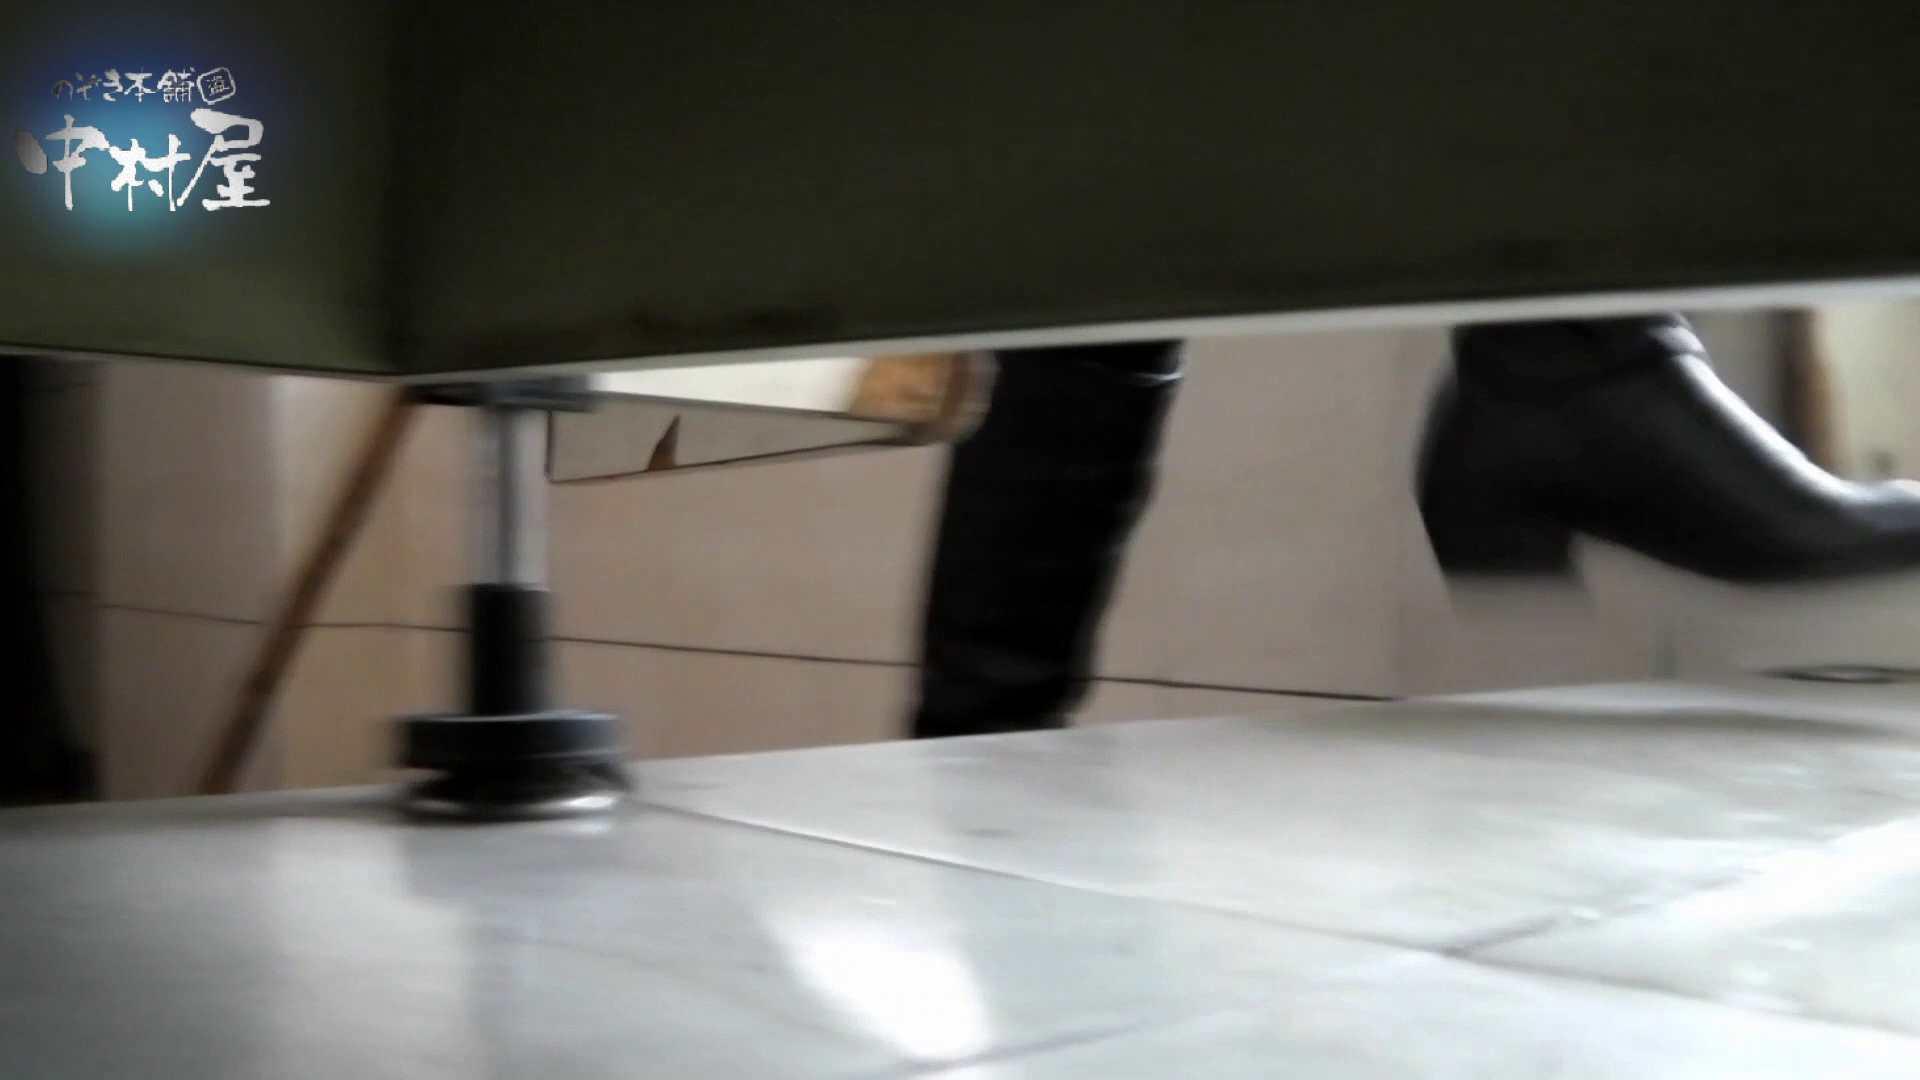 乙女集まる!ショッピングモール潜入撮vol.06 潜入 オマンコ無修正動画無料 108連発 104